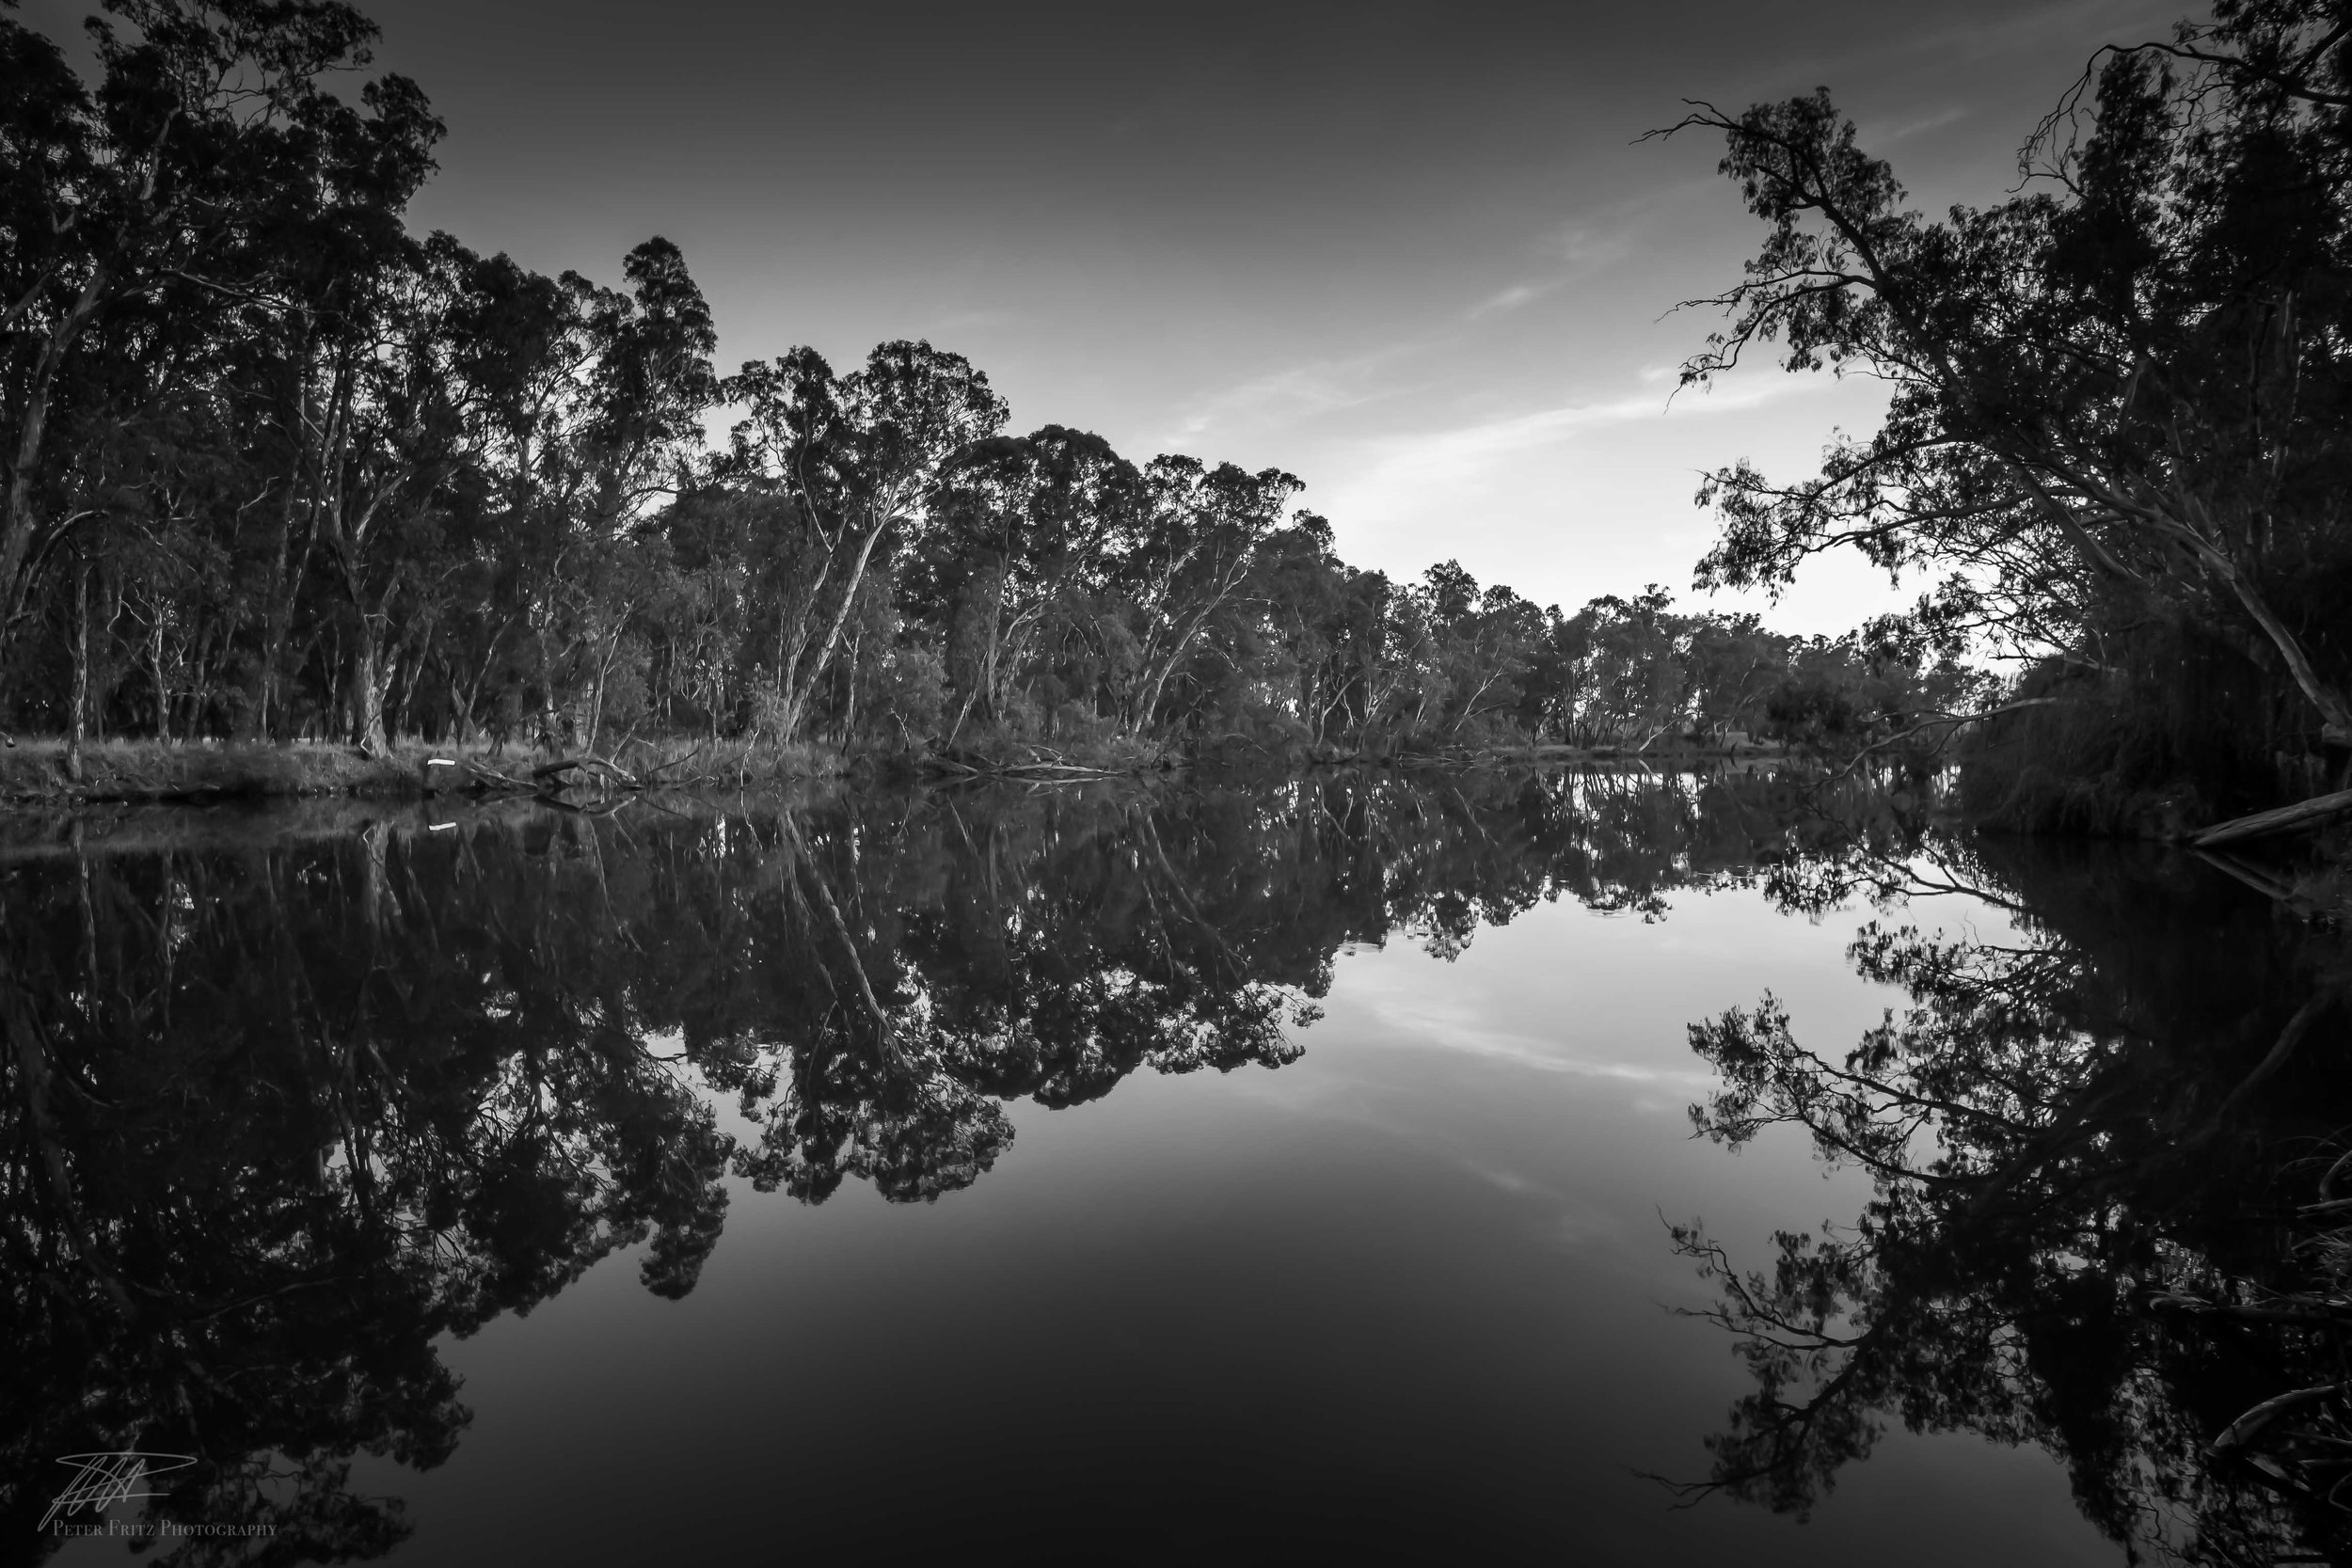 Goulburn reflections